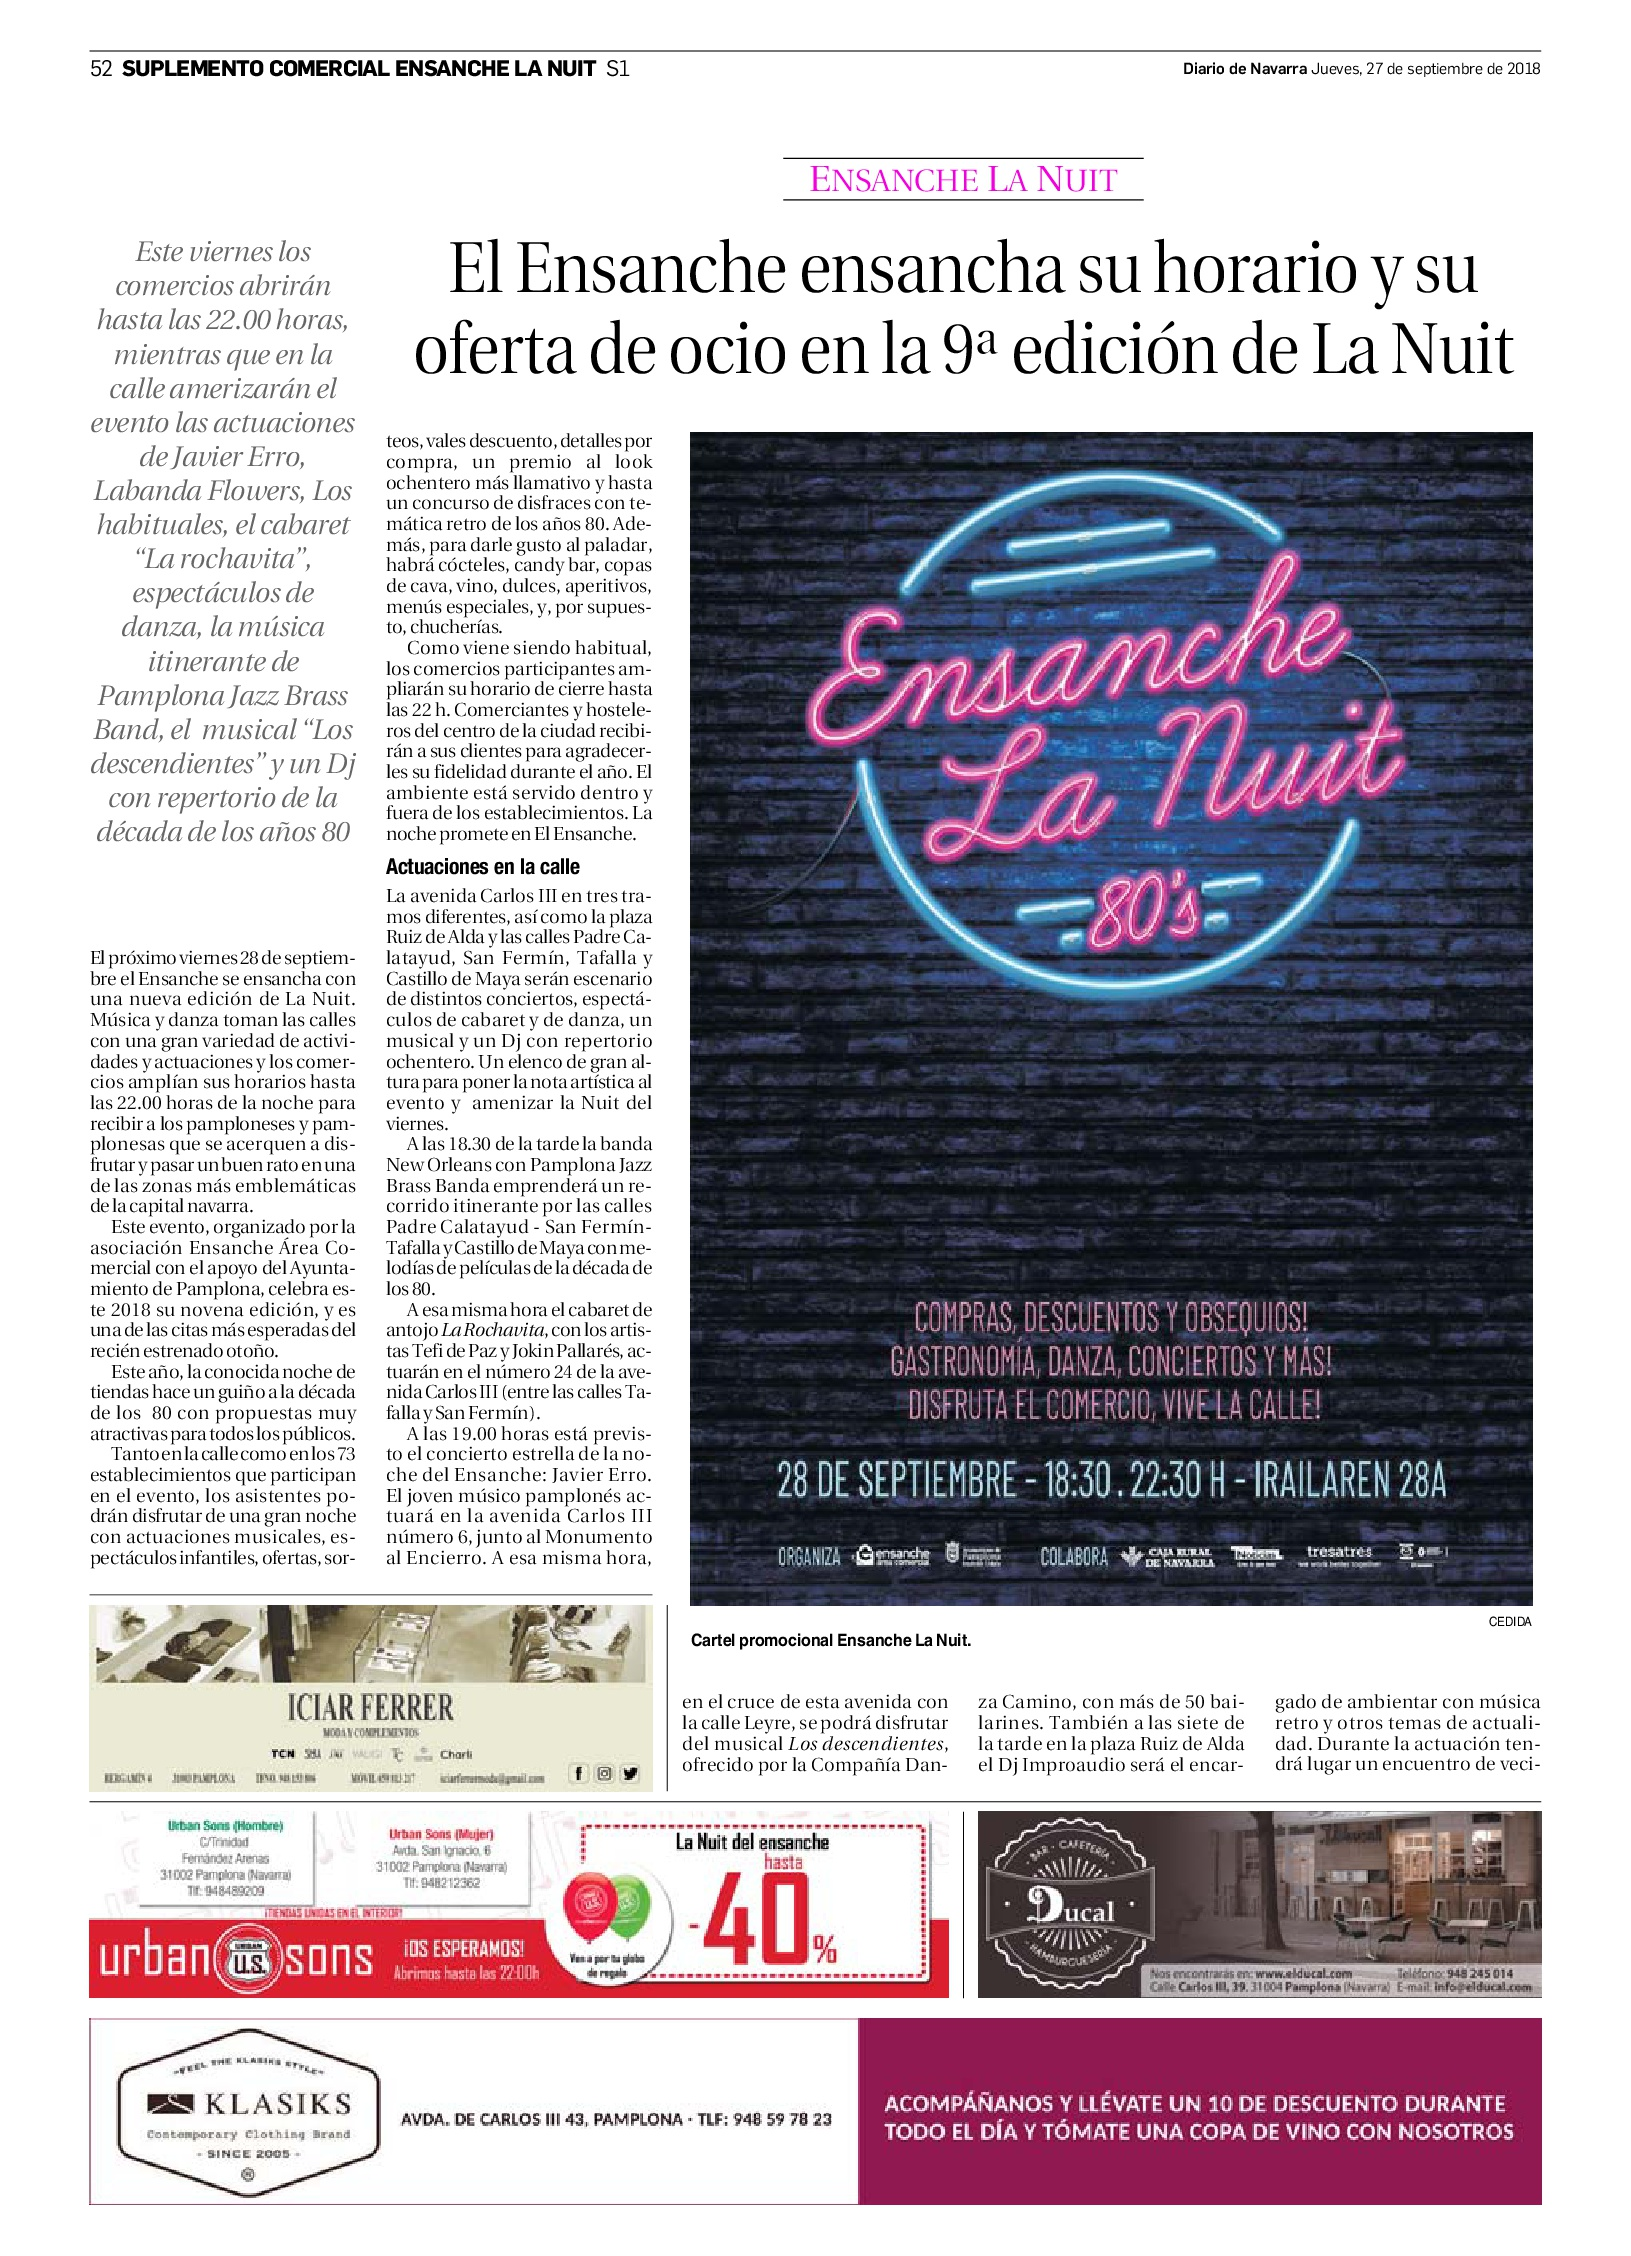 Diario-Diario de Navarra-27_09_2018-52-001